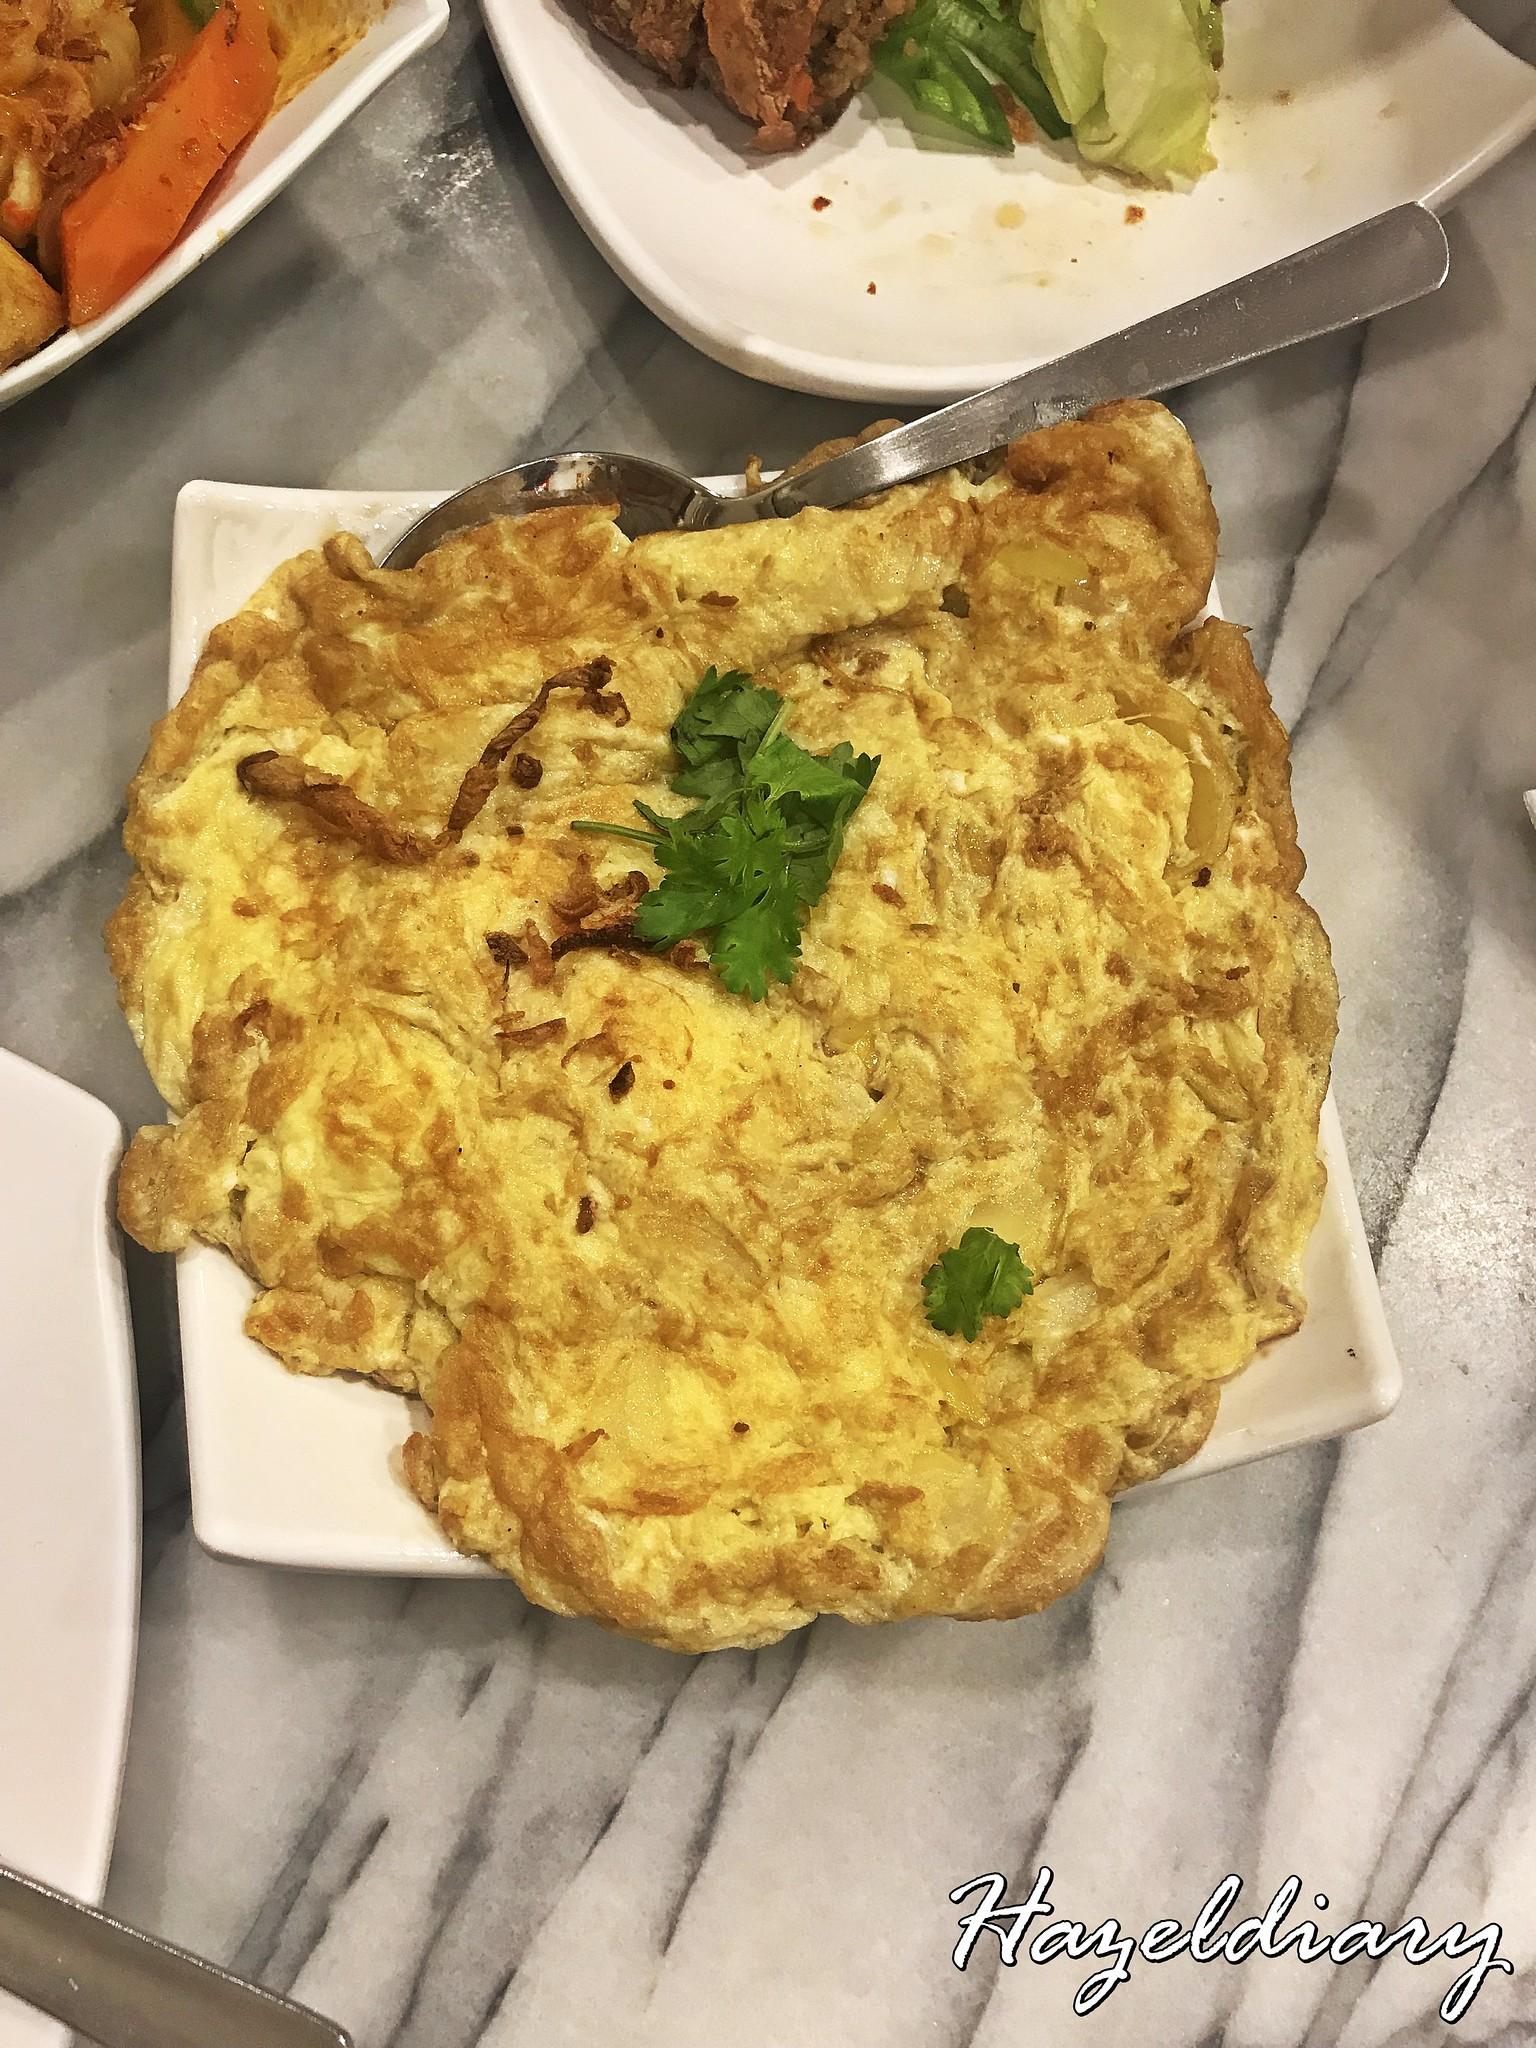 Guan Hoe Soon Restaurant-Peranakan Onion Omelette